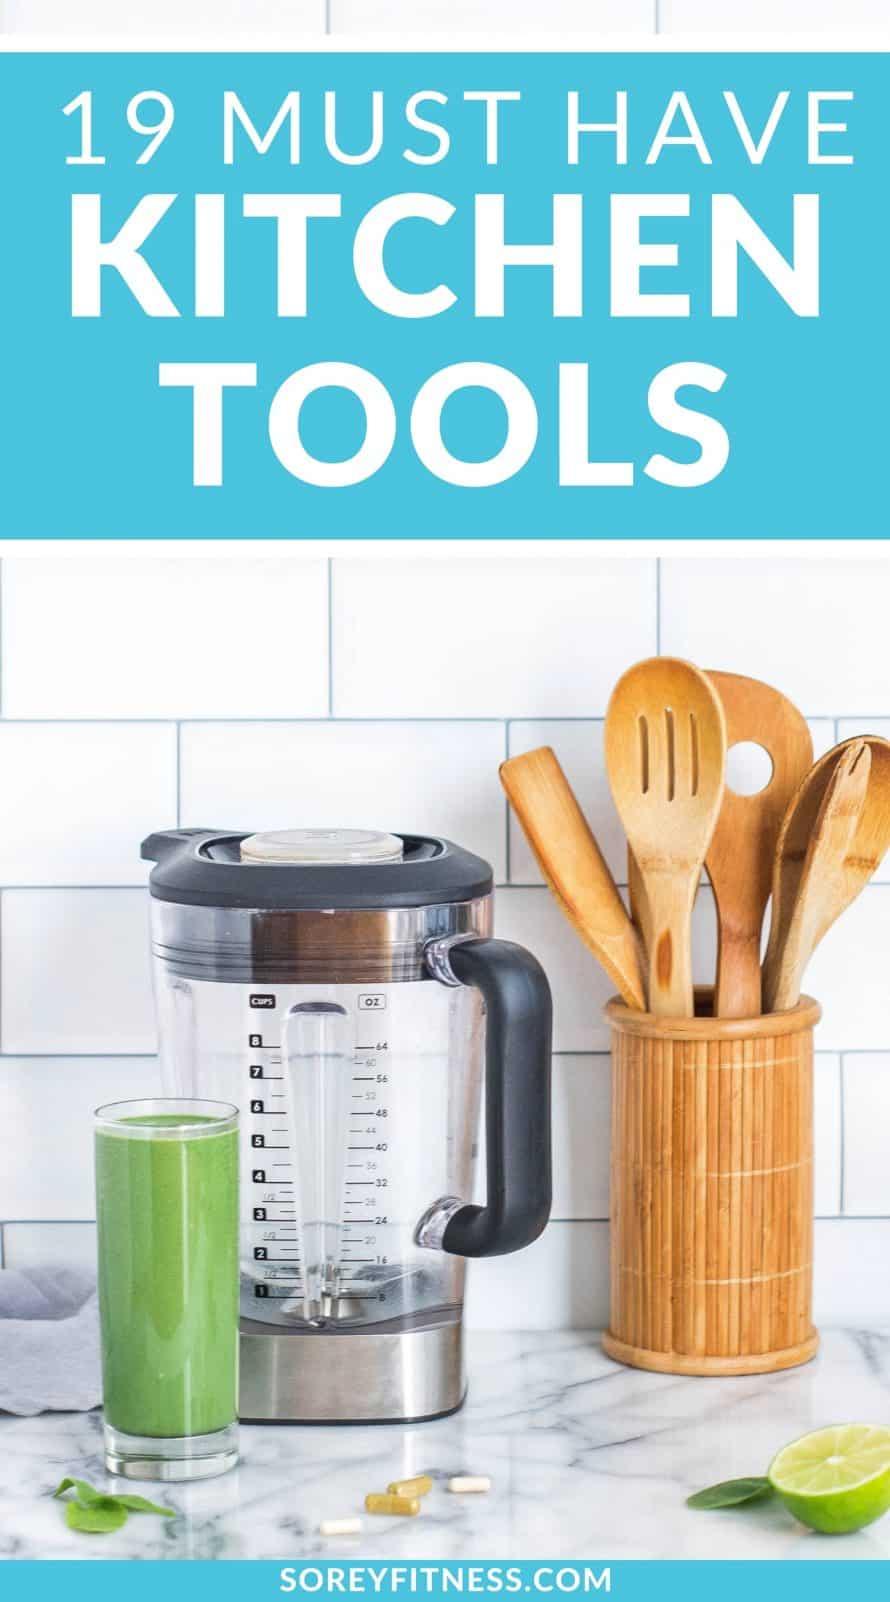 Kitchen essentials - 19 must have kitchen tools